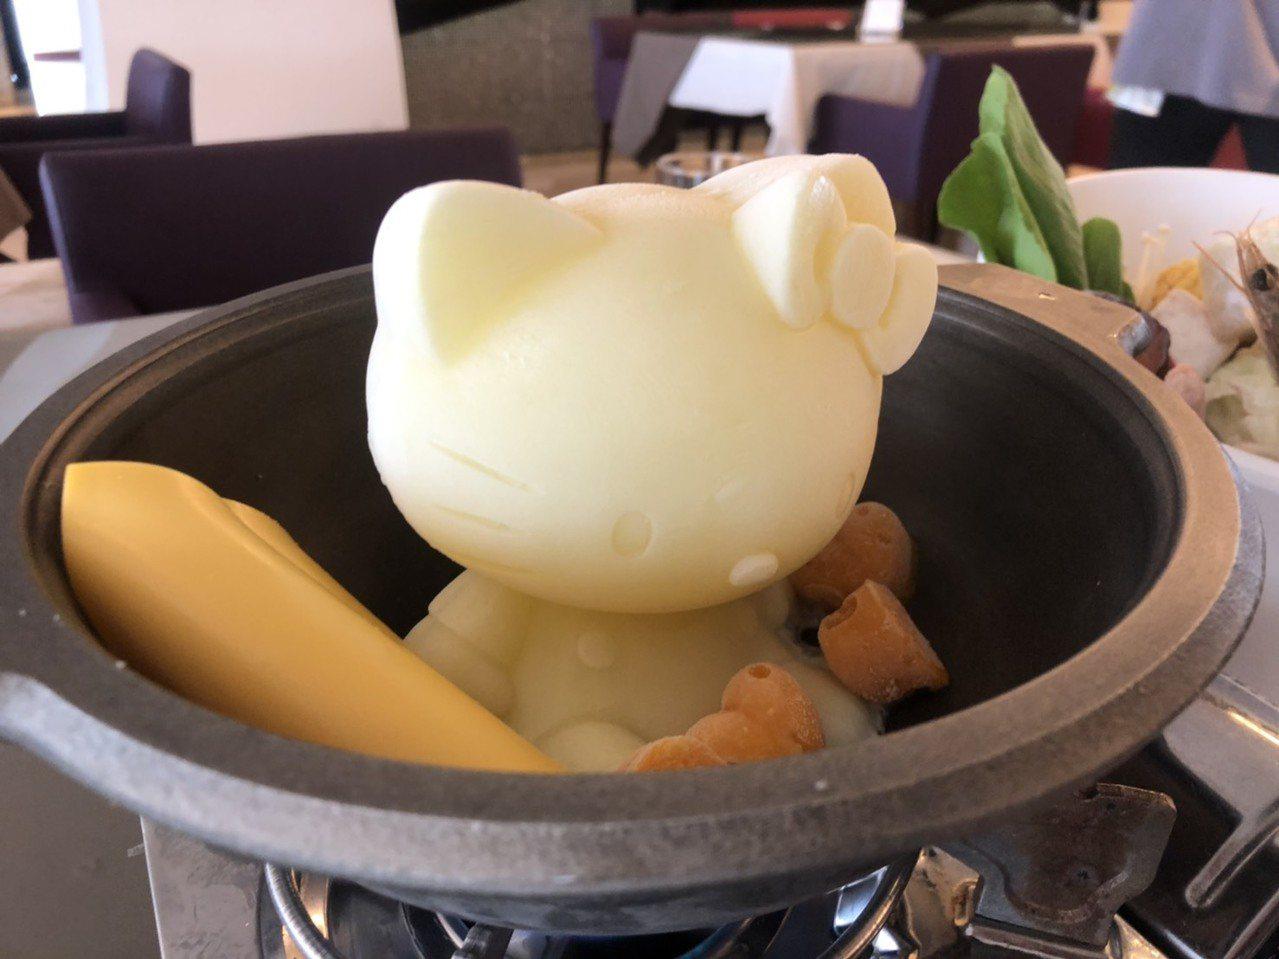 樂億皇家渡假酒店餐廳內的凱蒂貓牛奶鍋很吸睛。 記者李承穎/攝影